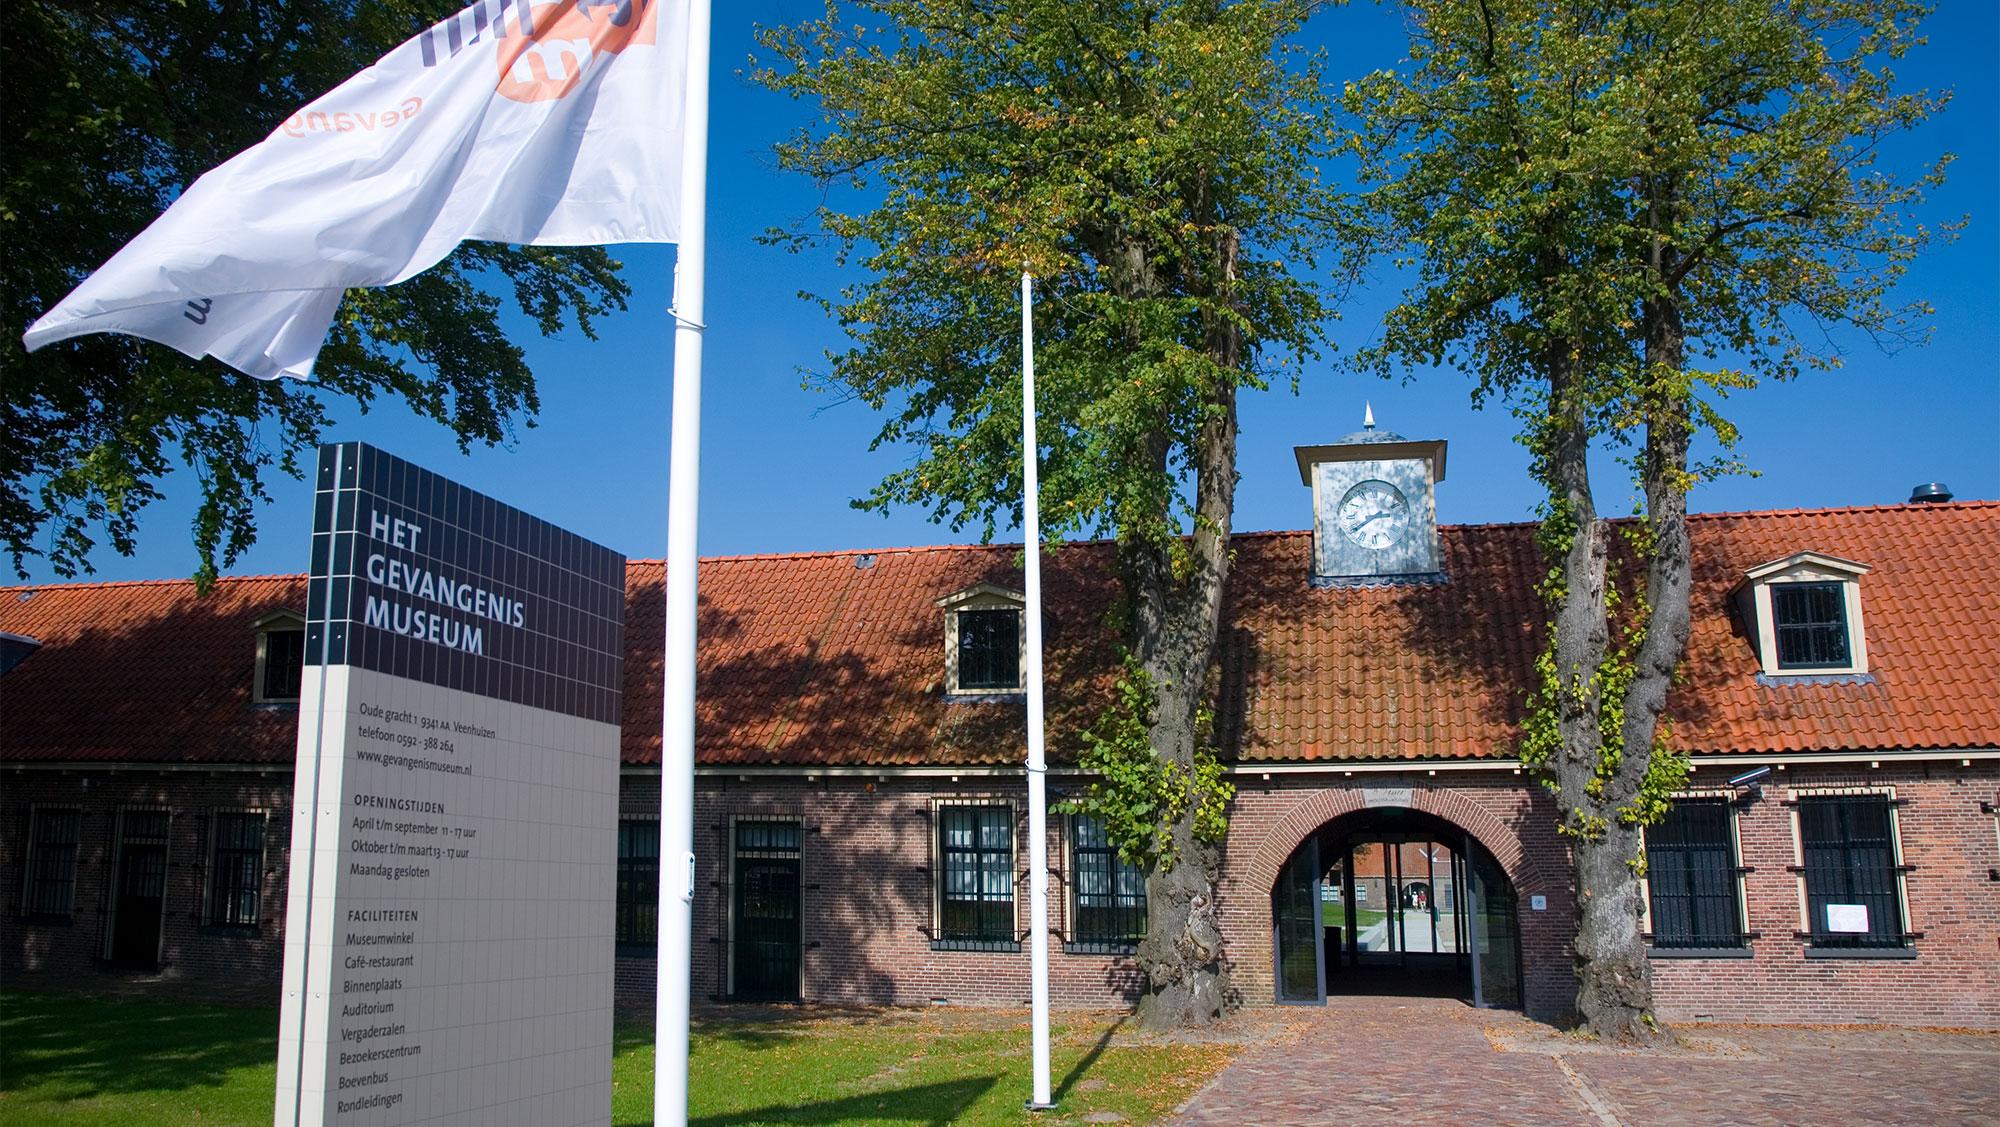 Gevangenismuseum 1